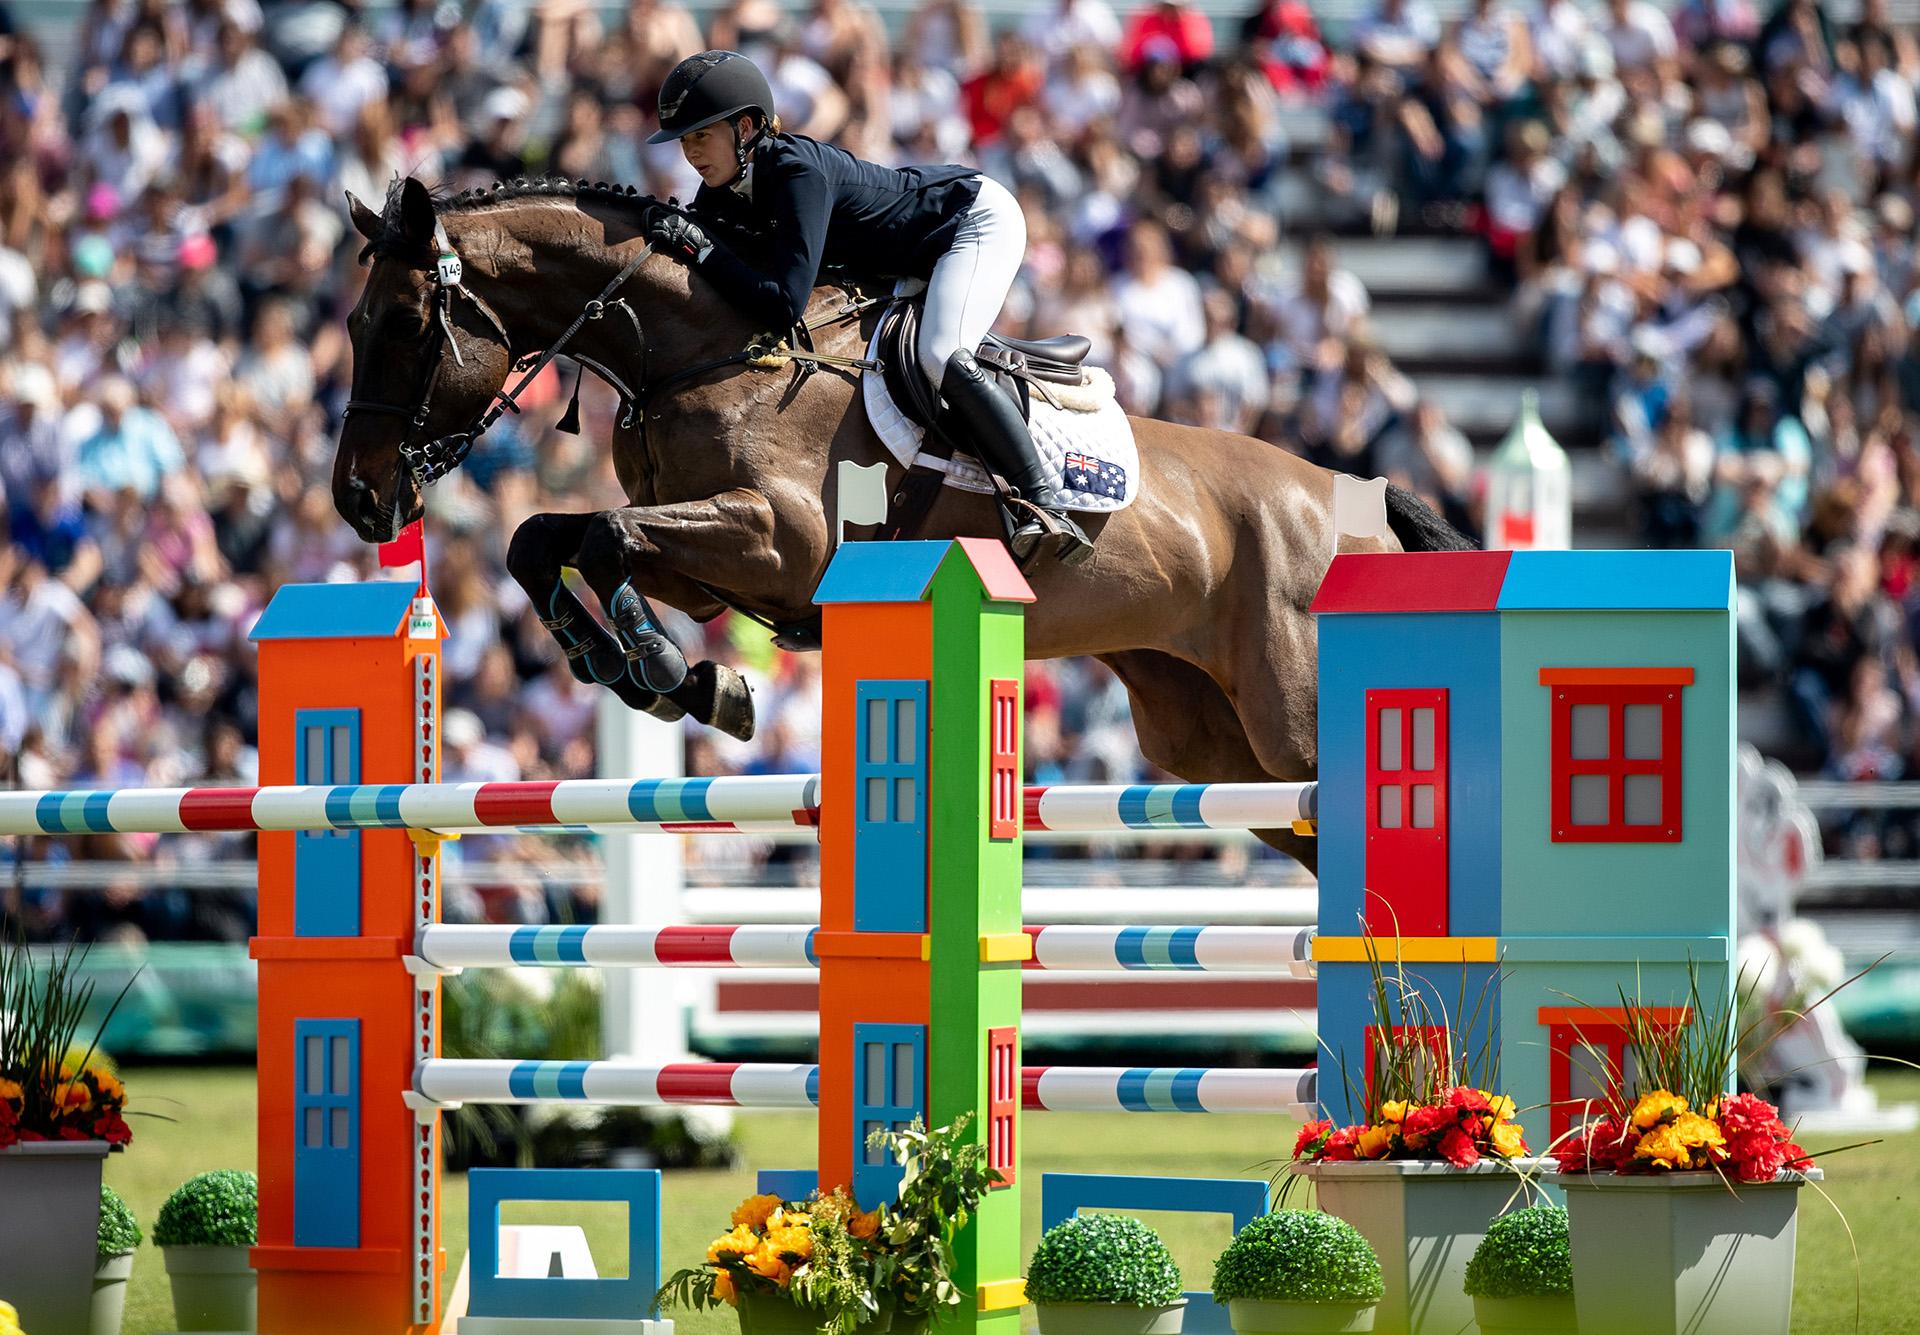 La australiana Madi Sinderberryjunto a su caballoZambofue una de las protagonistas en ecuestre(Foto:REUTERS)